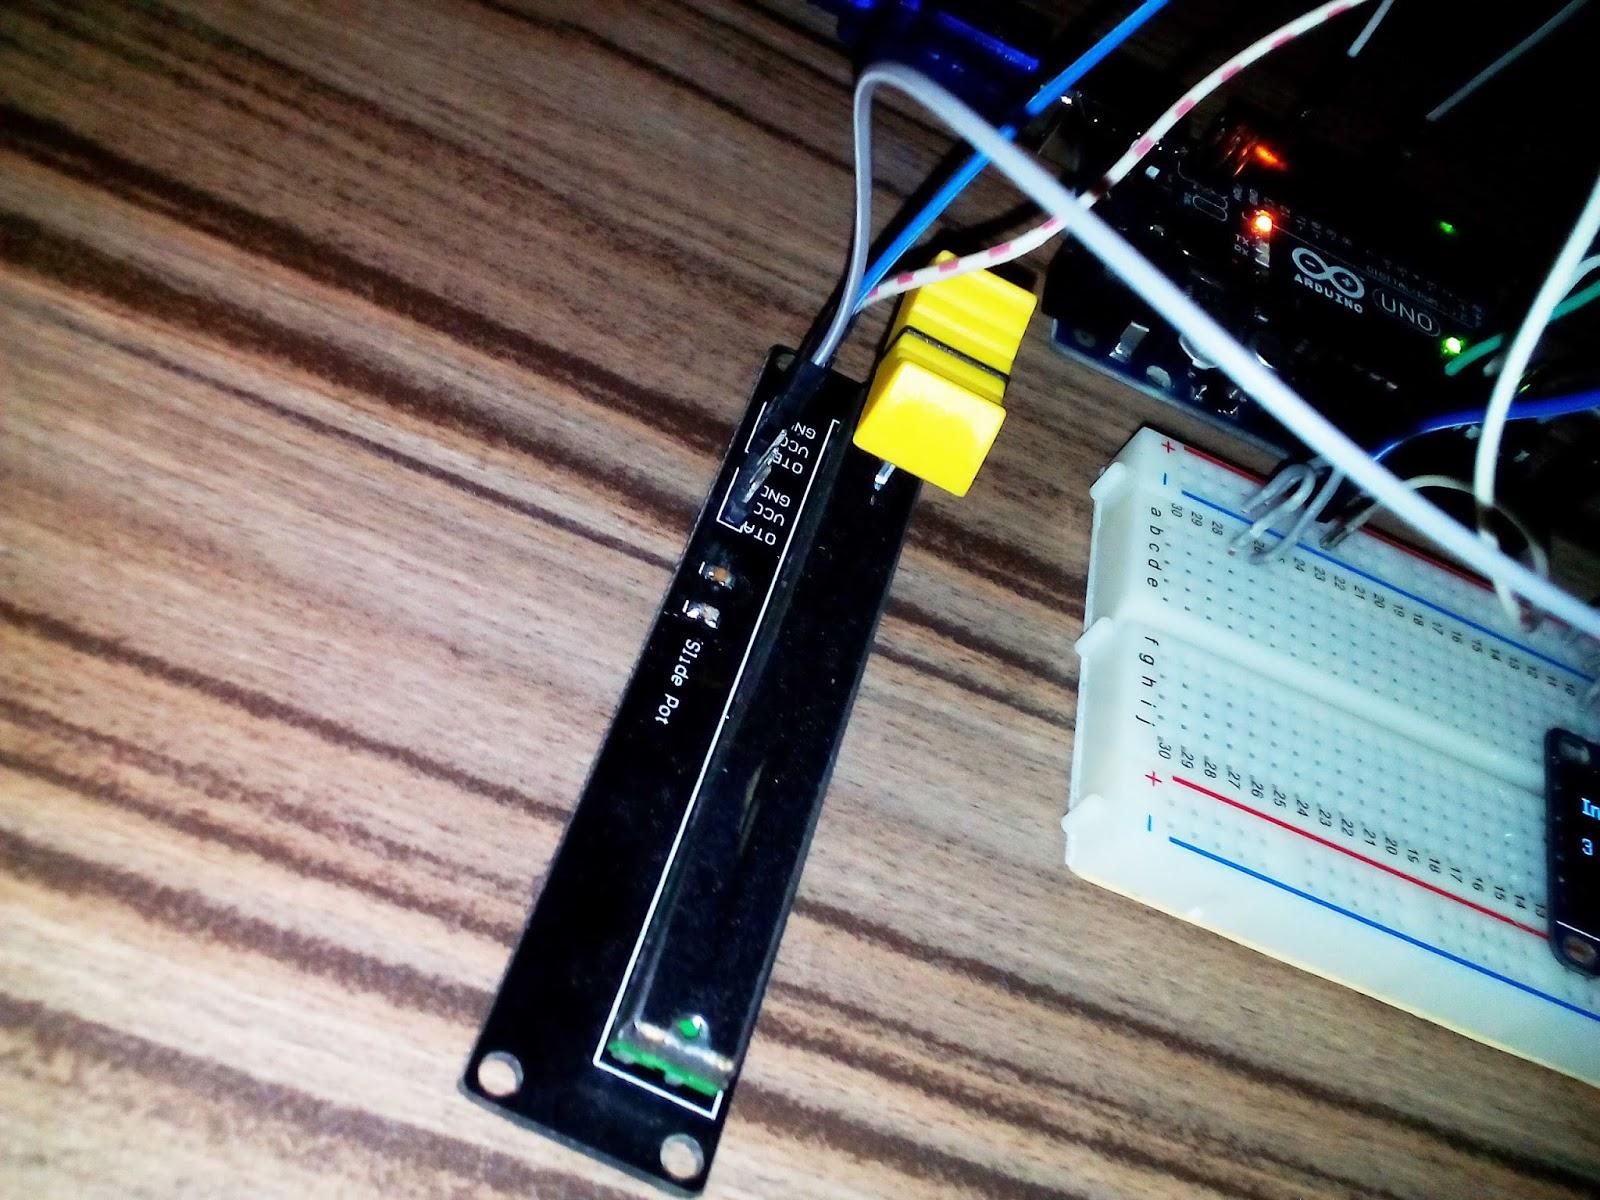 Arduino Solid State Relay Pwm Dc Led Dimmer Membuat Lampu Menggunakan Ssr